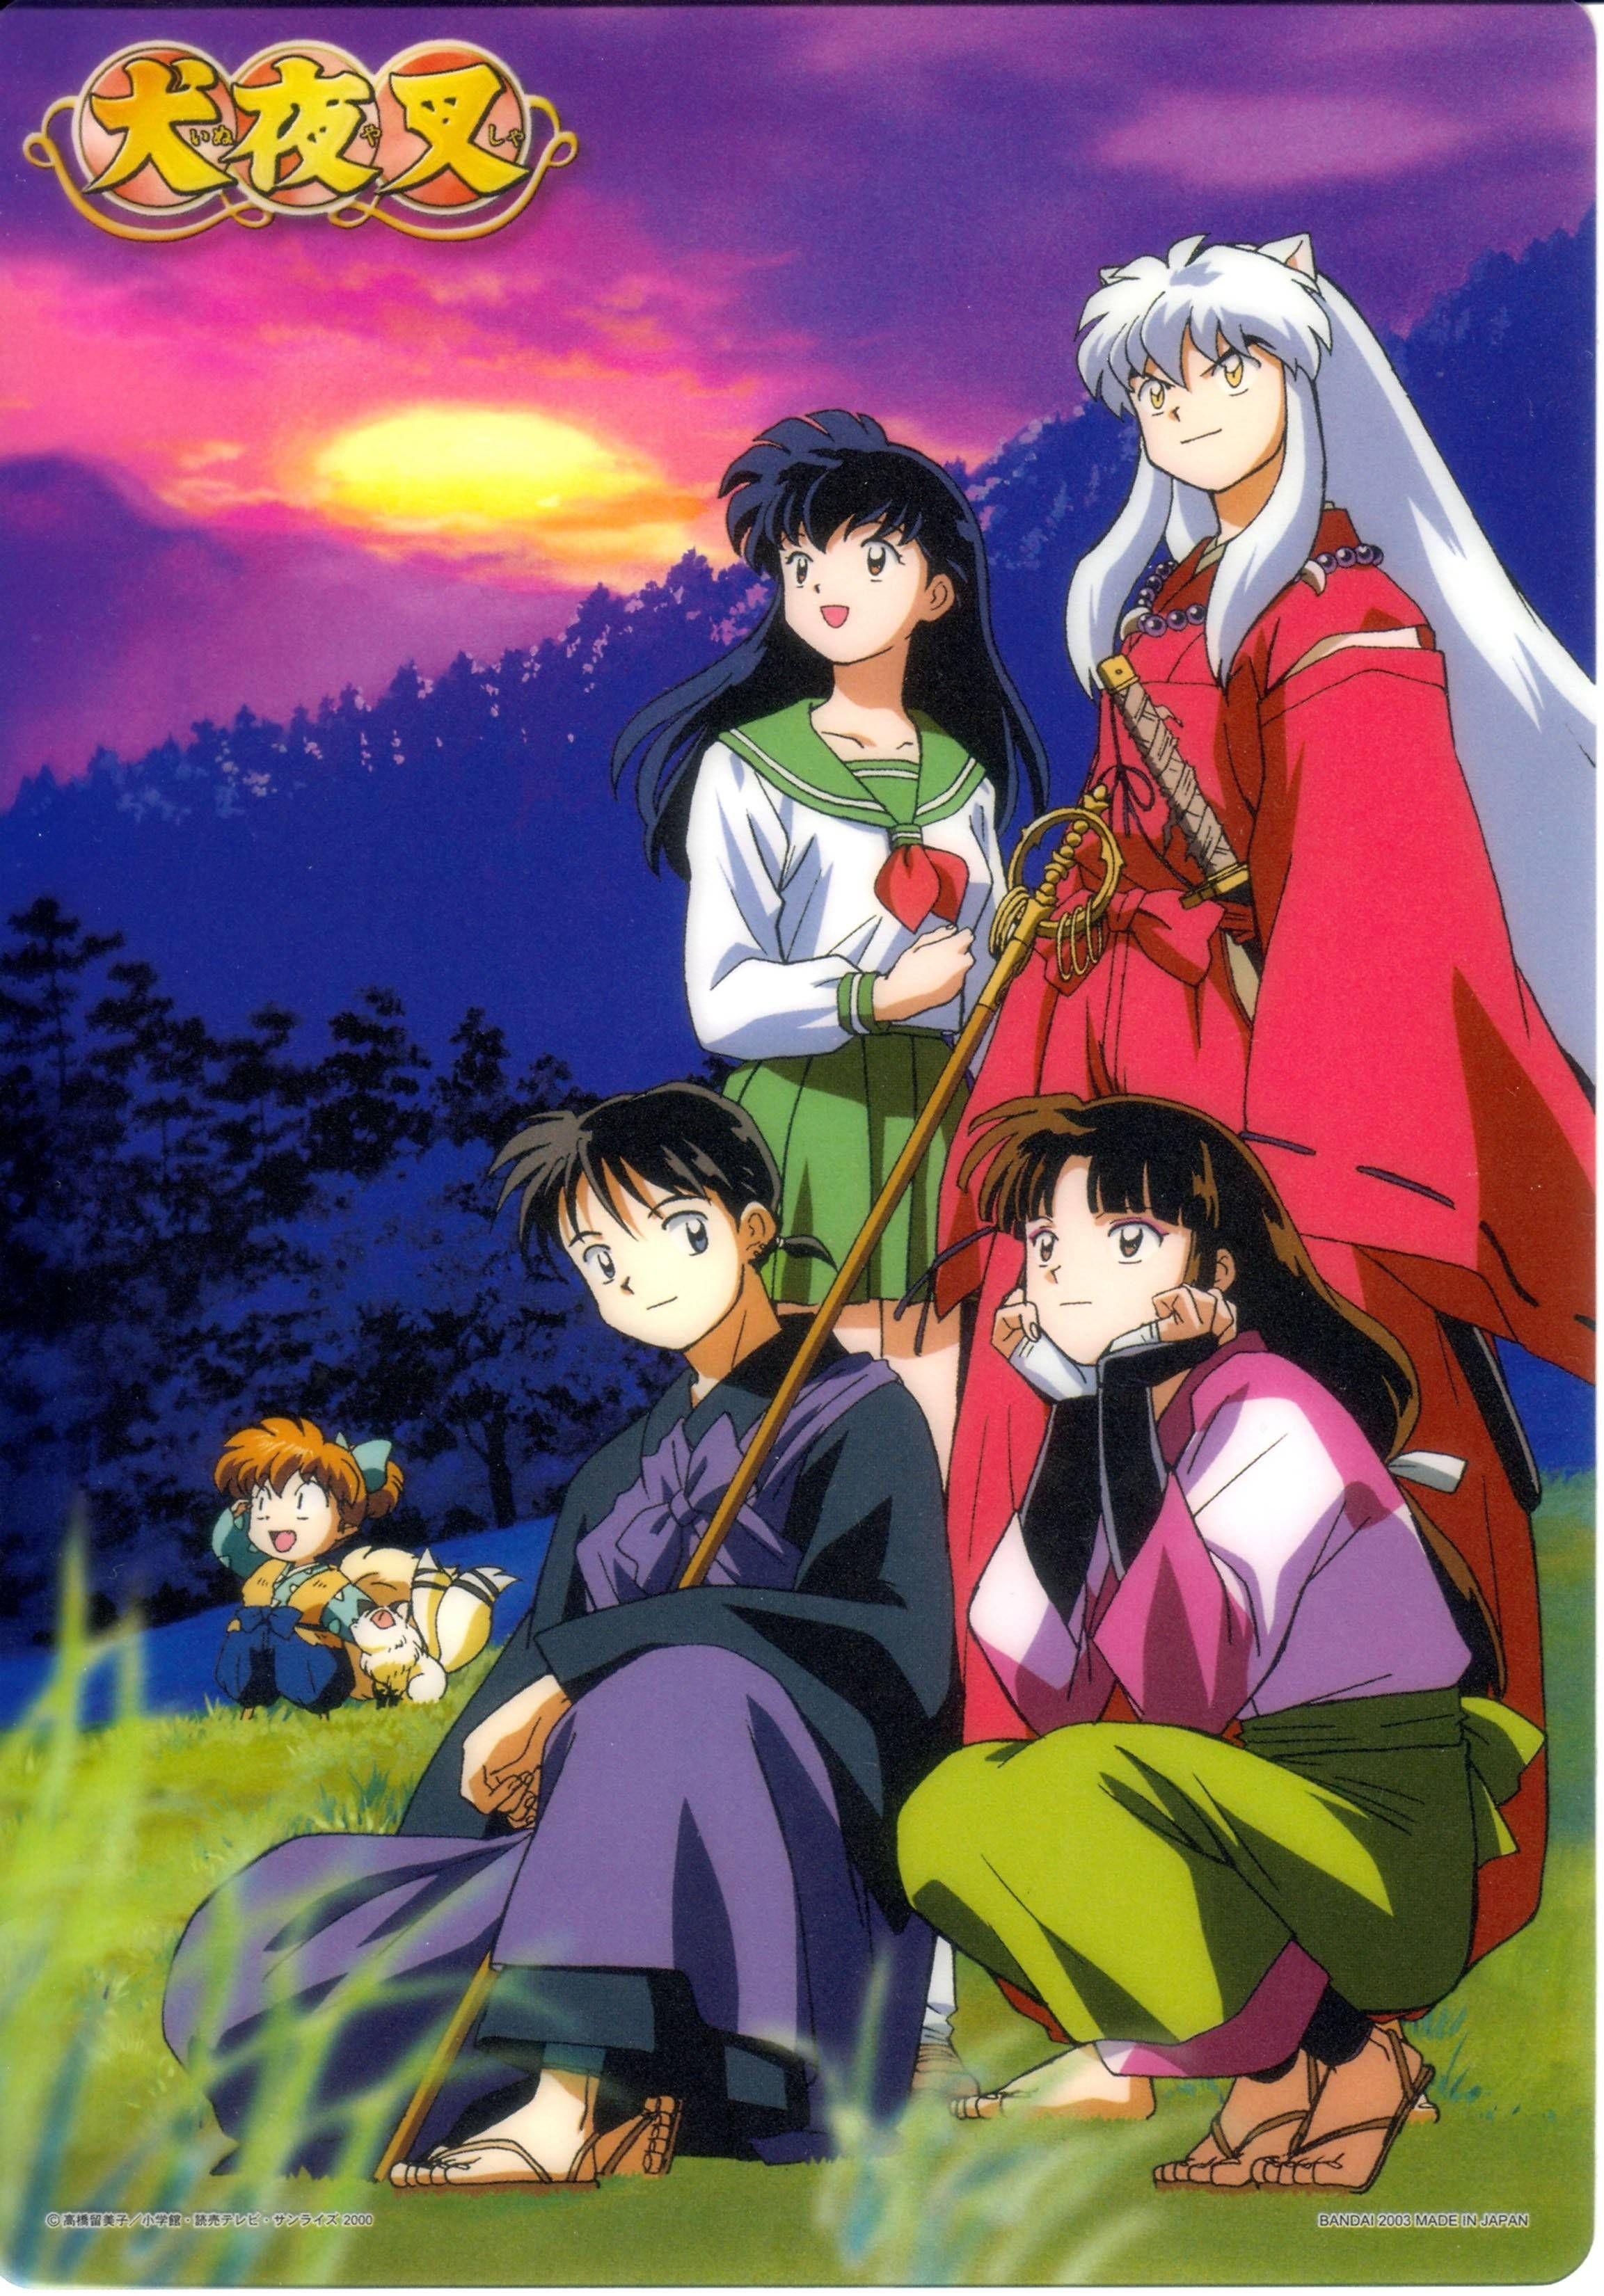 Inuyasha, Kagome Higurashi, Miroku, Sango, Shippo, and